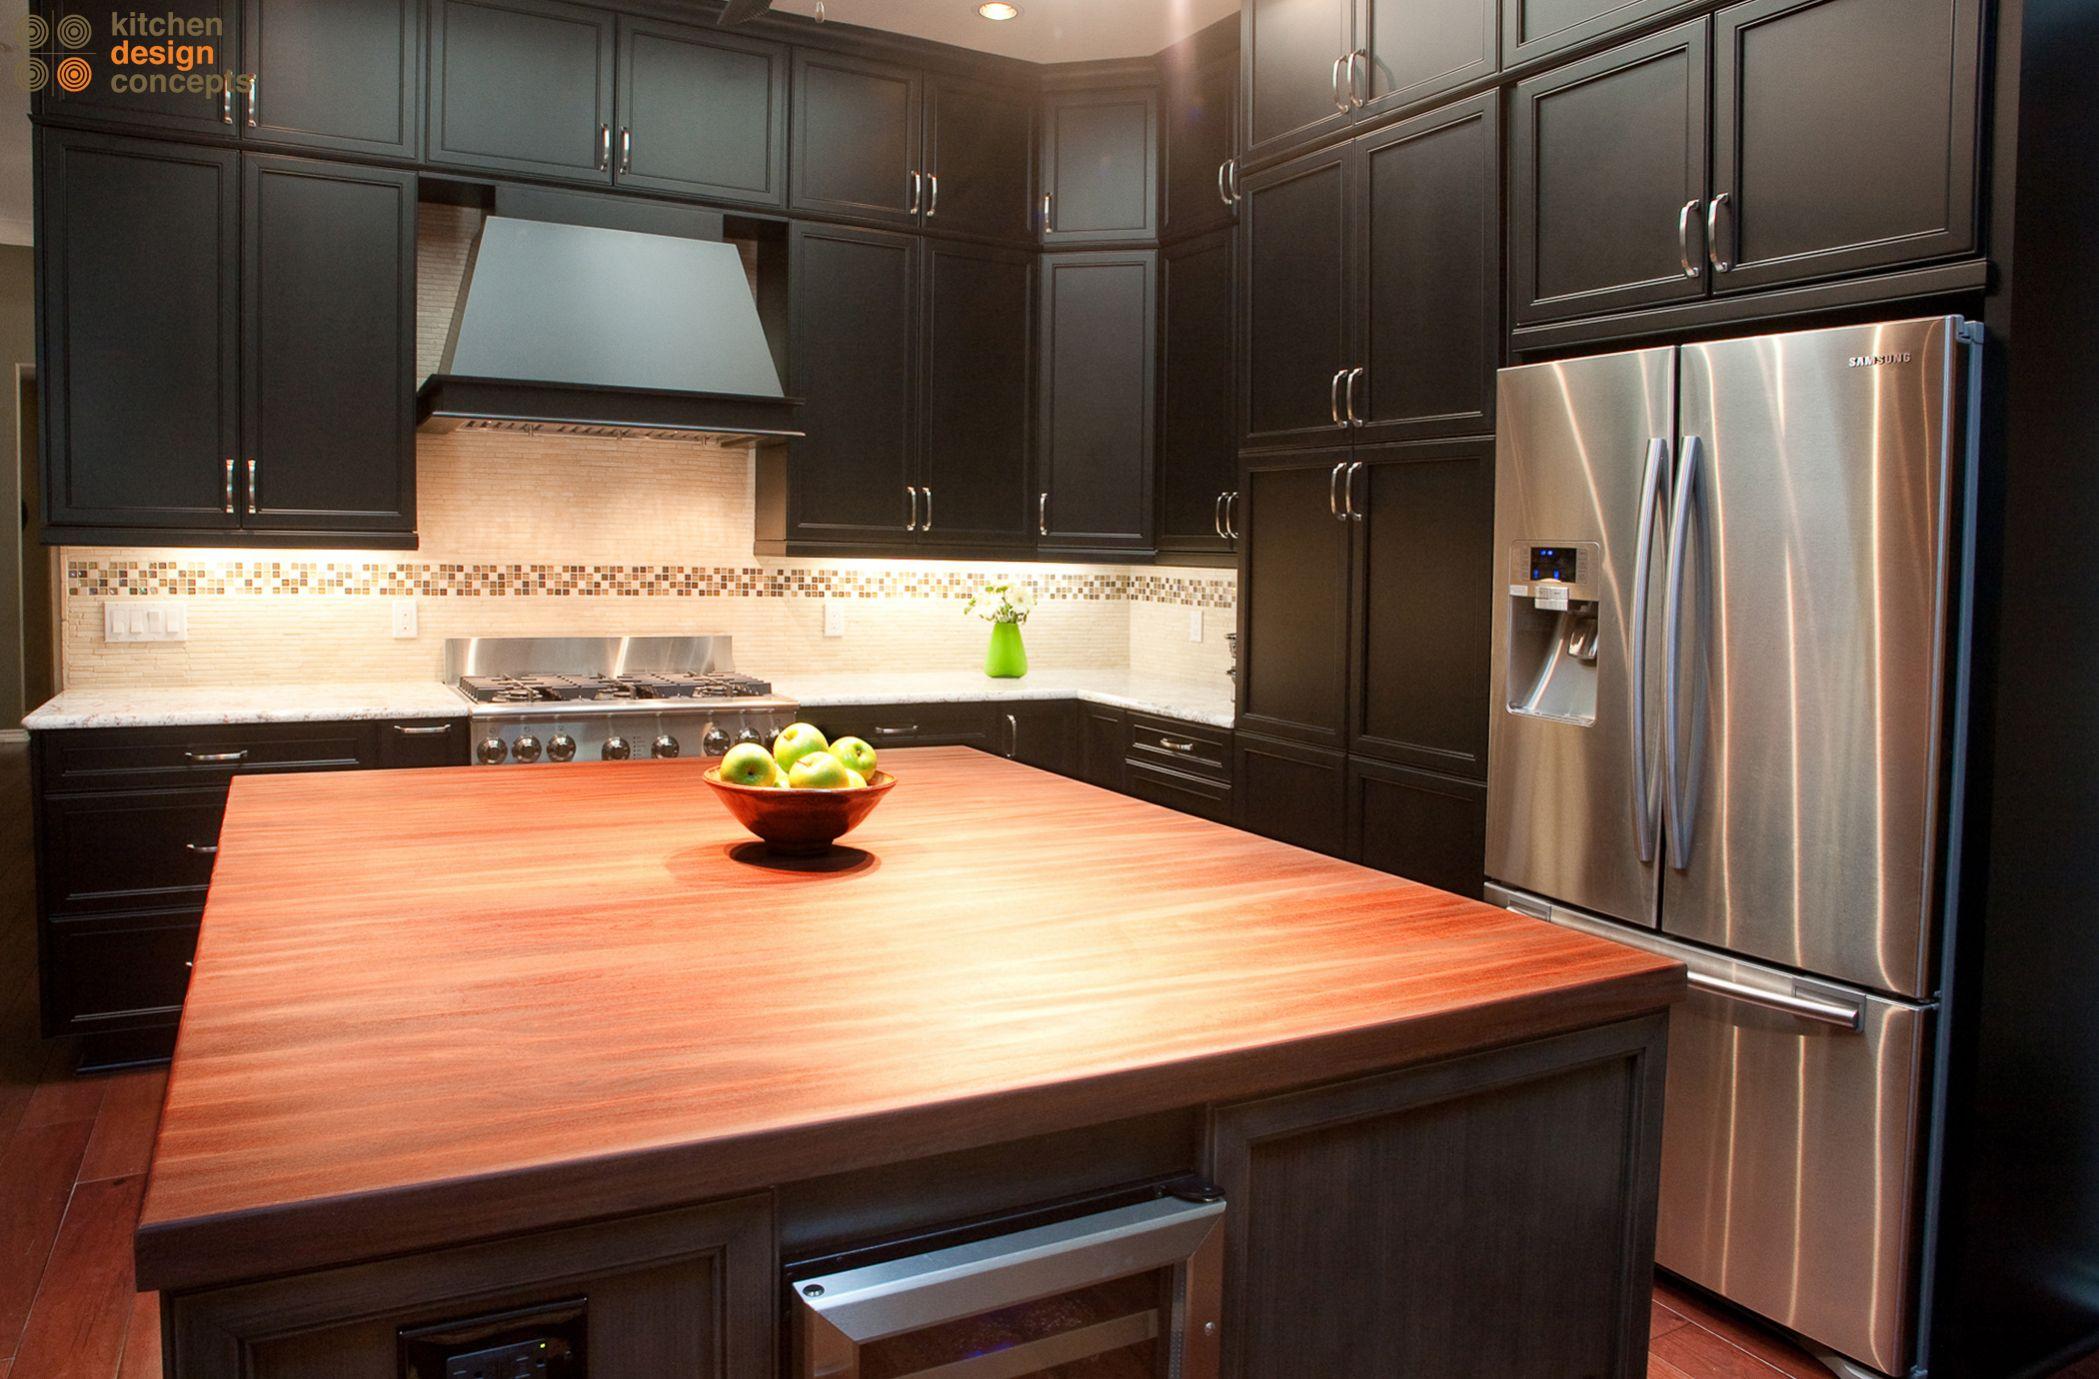 dark wood kitchen - interior design mag